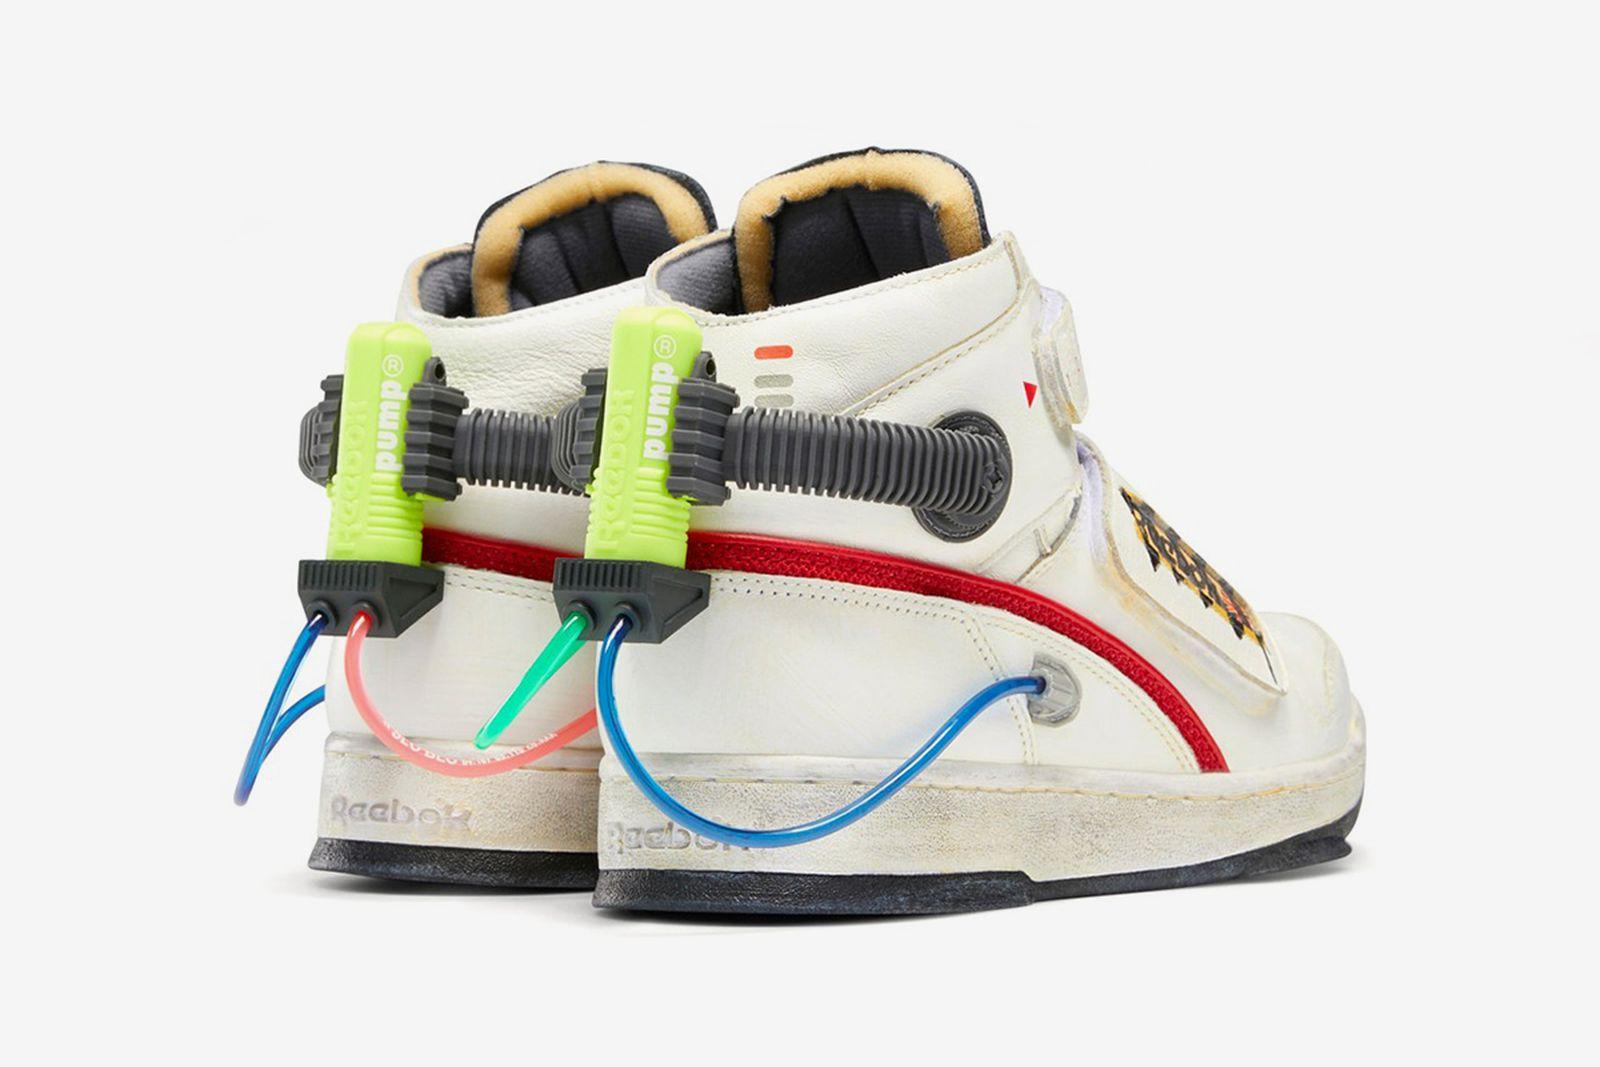 Ghostbusters Reebok sneakers